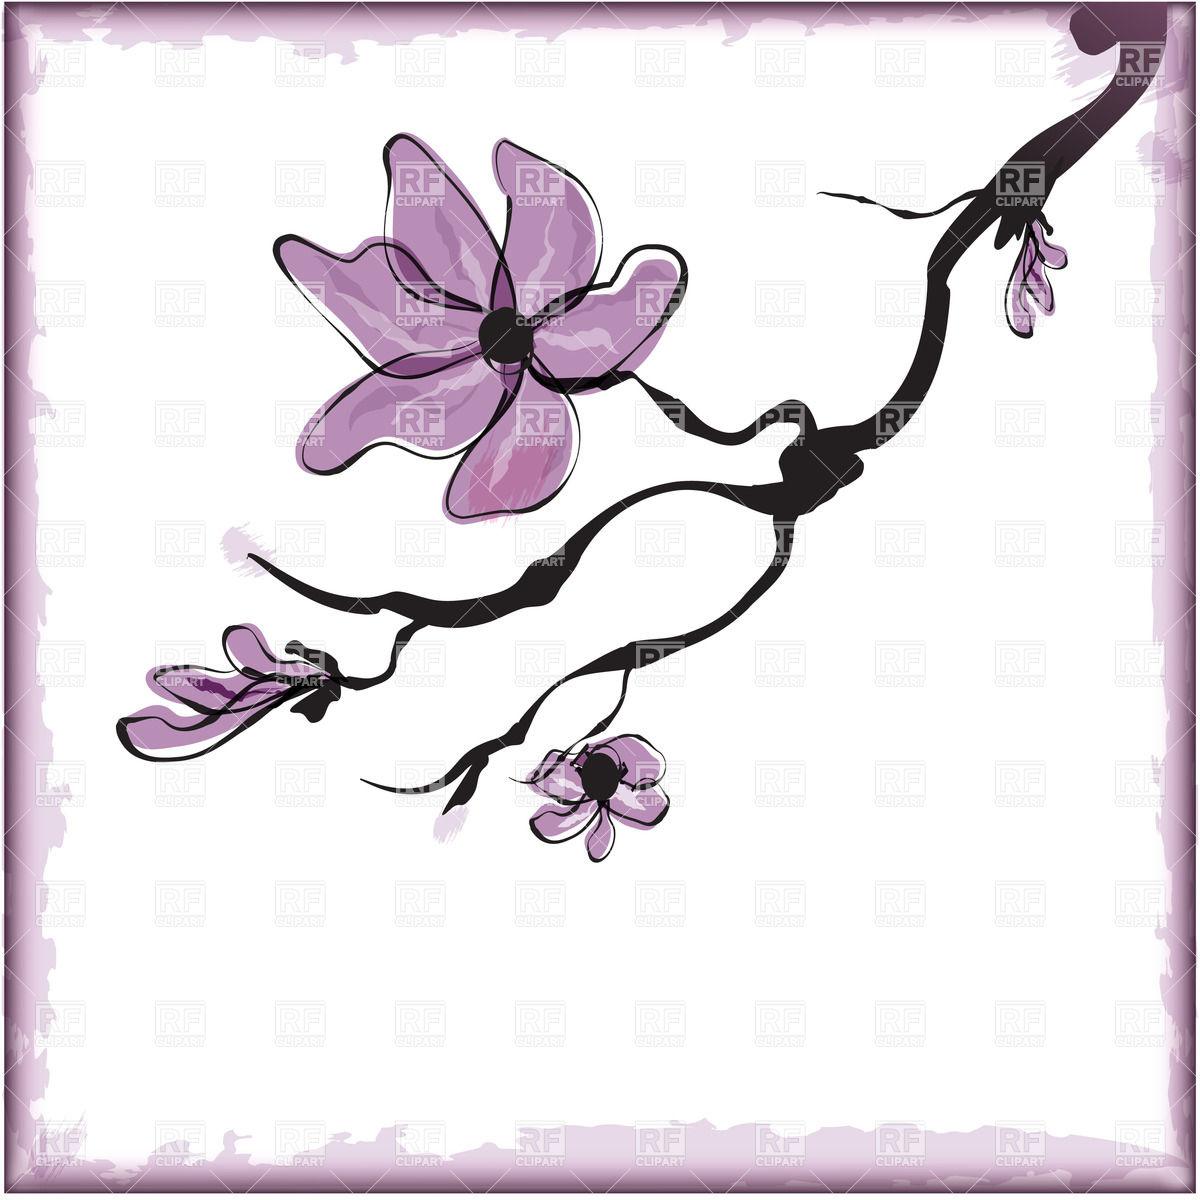 19 Cherry Blossom Flower Vector Art Images - Cherry ...